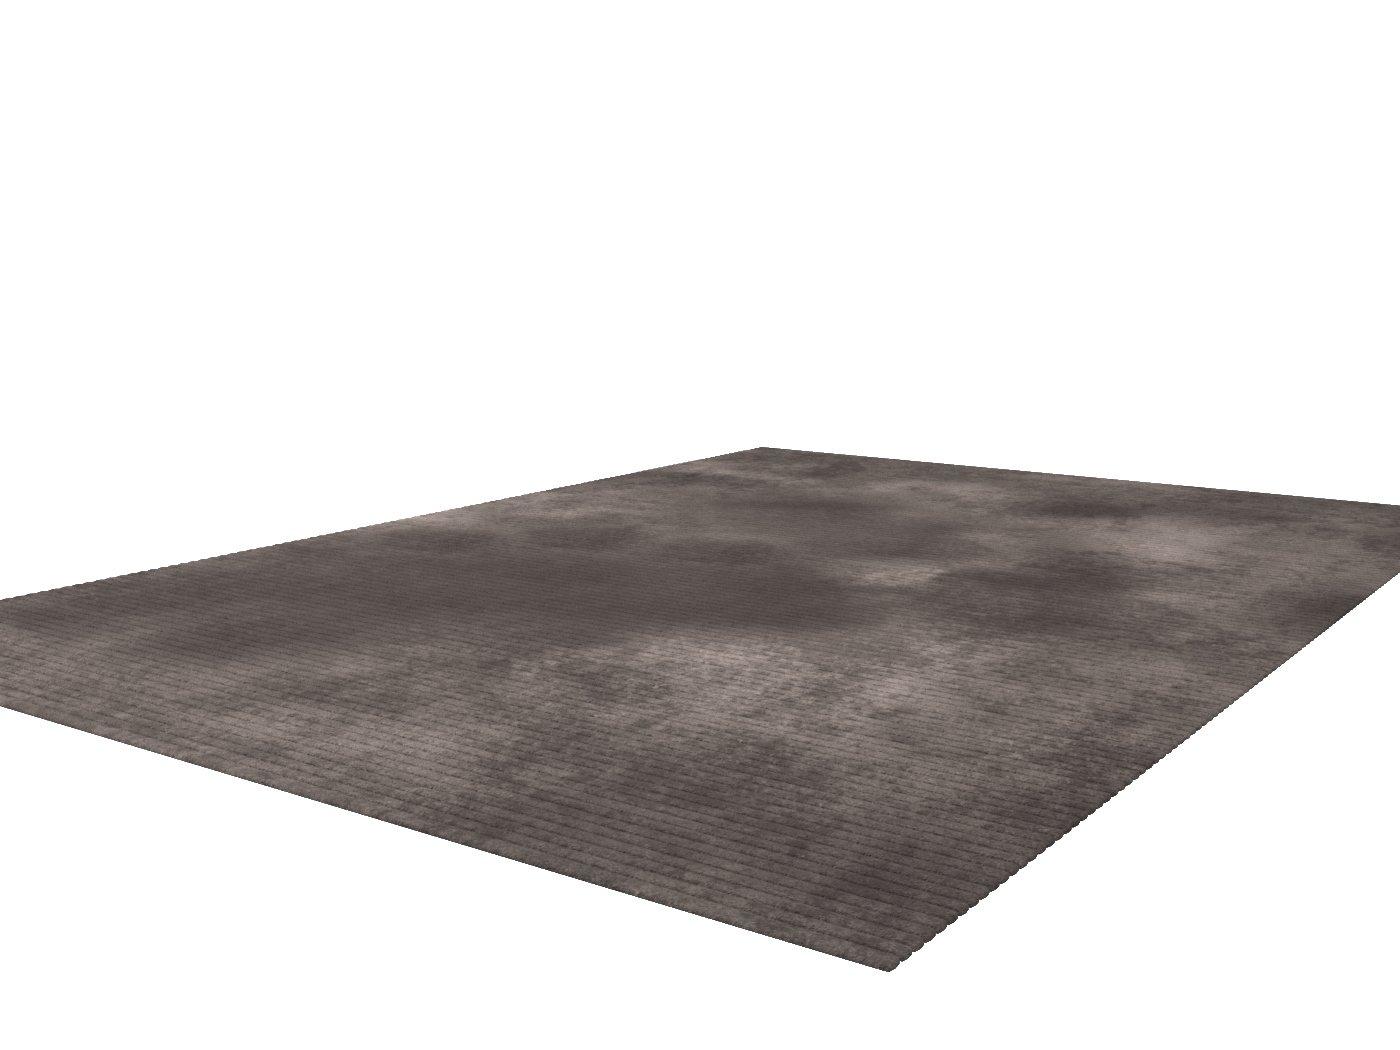 3d Carpet Taupe Piazzo Leroy Merlin Model 3d Model In Other 3dexport